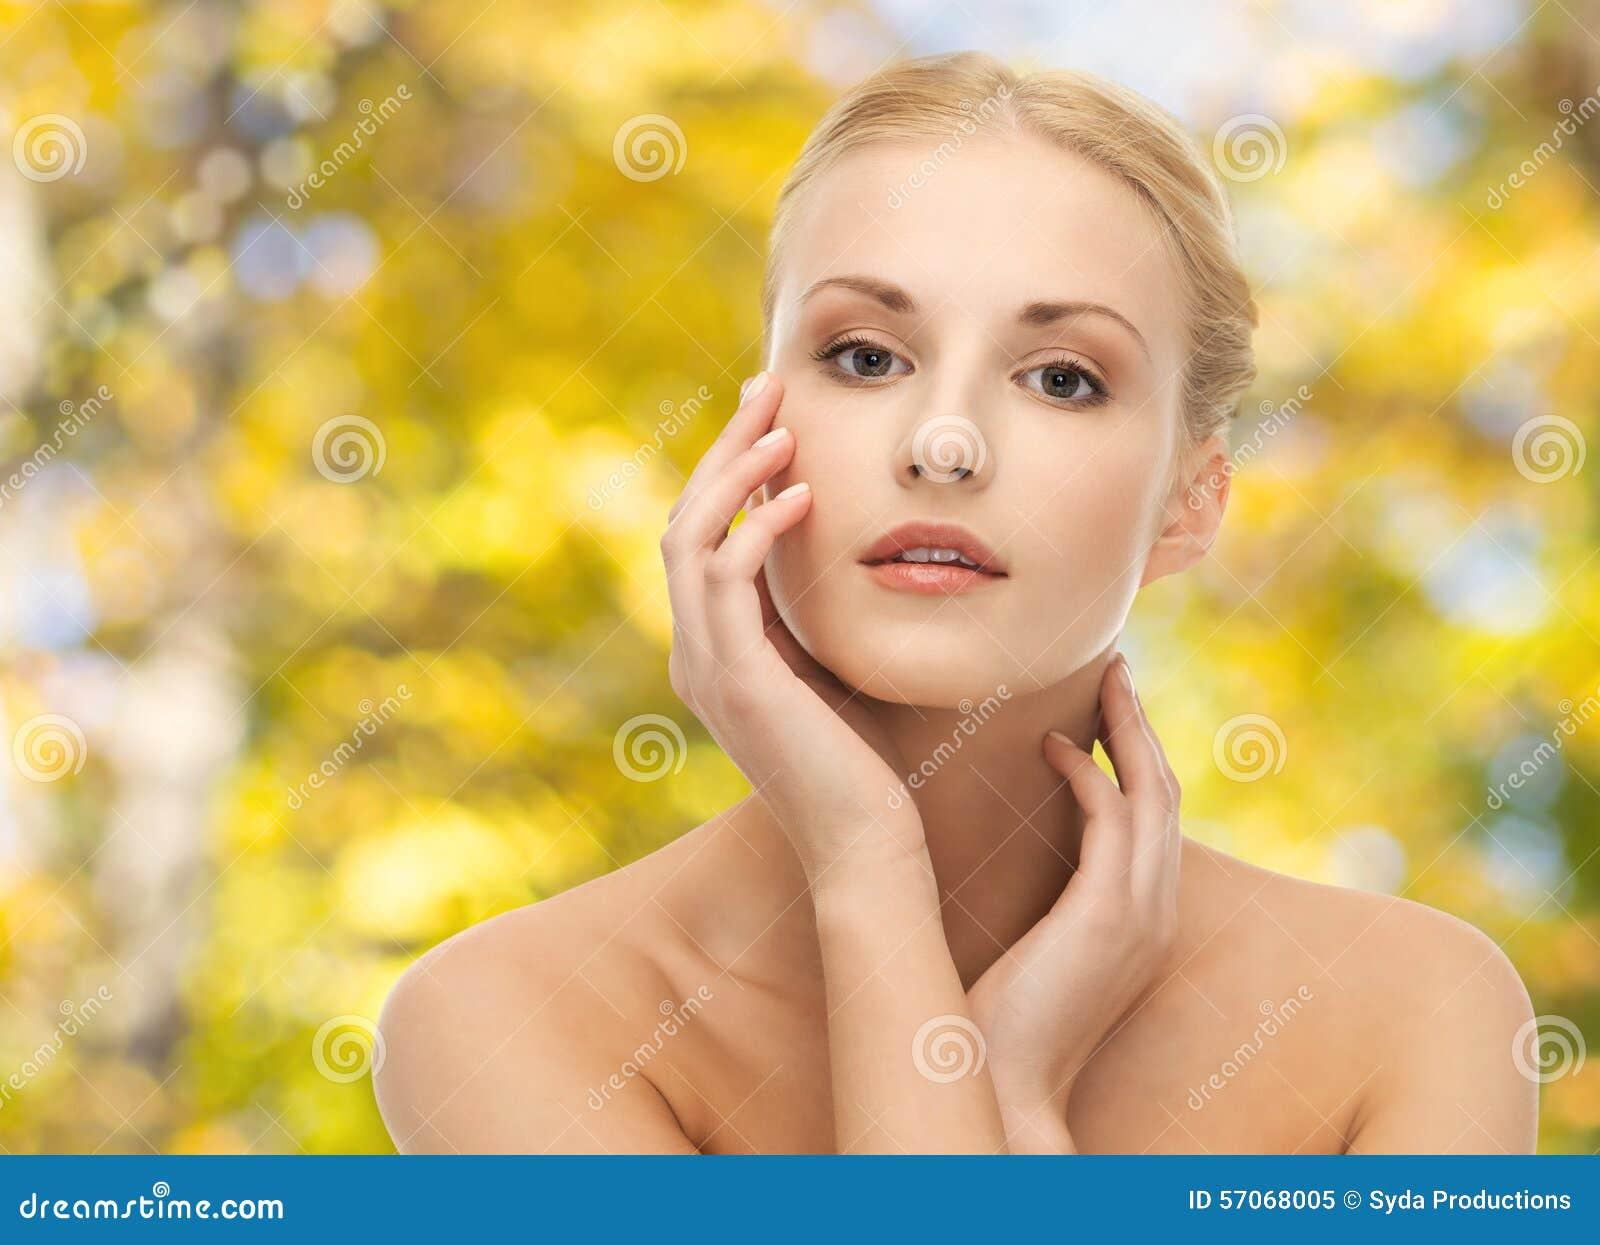 Mooie jonge vrouw wat betreft haar gezicht